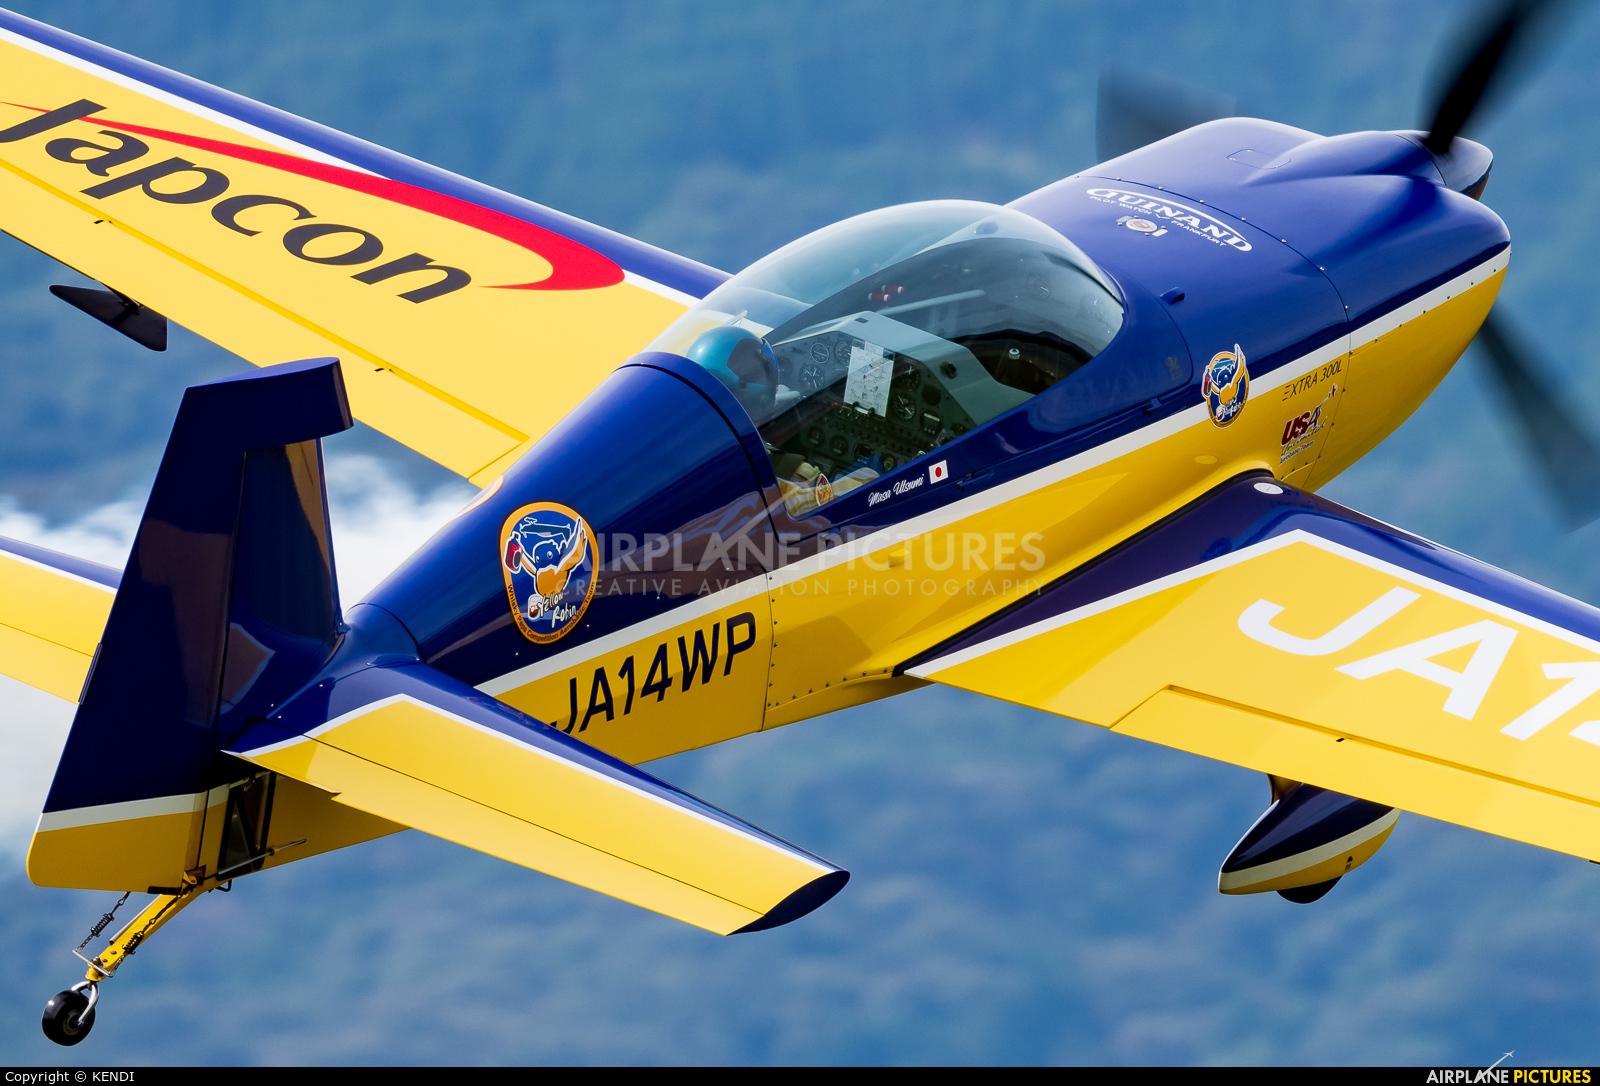 Private JA14WP aircraft at Off Airport - Japan